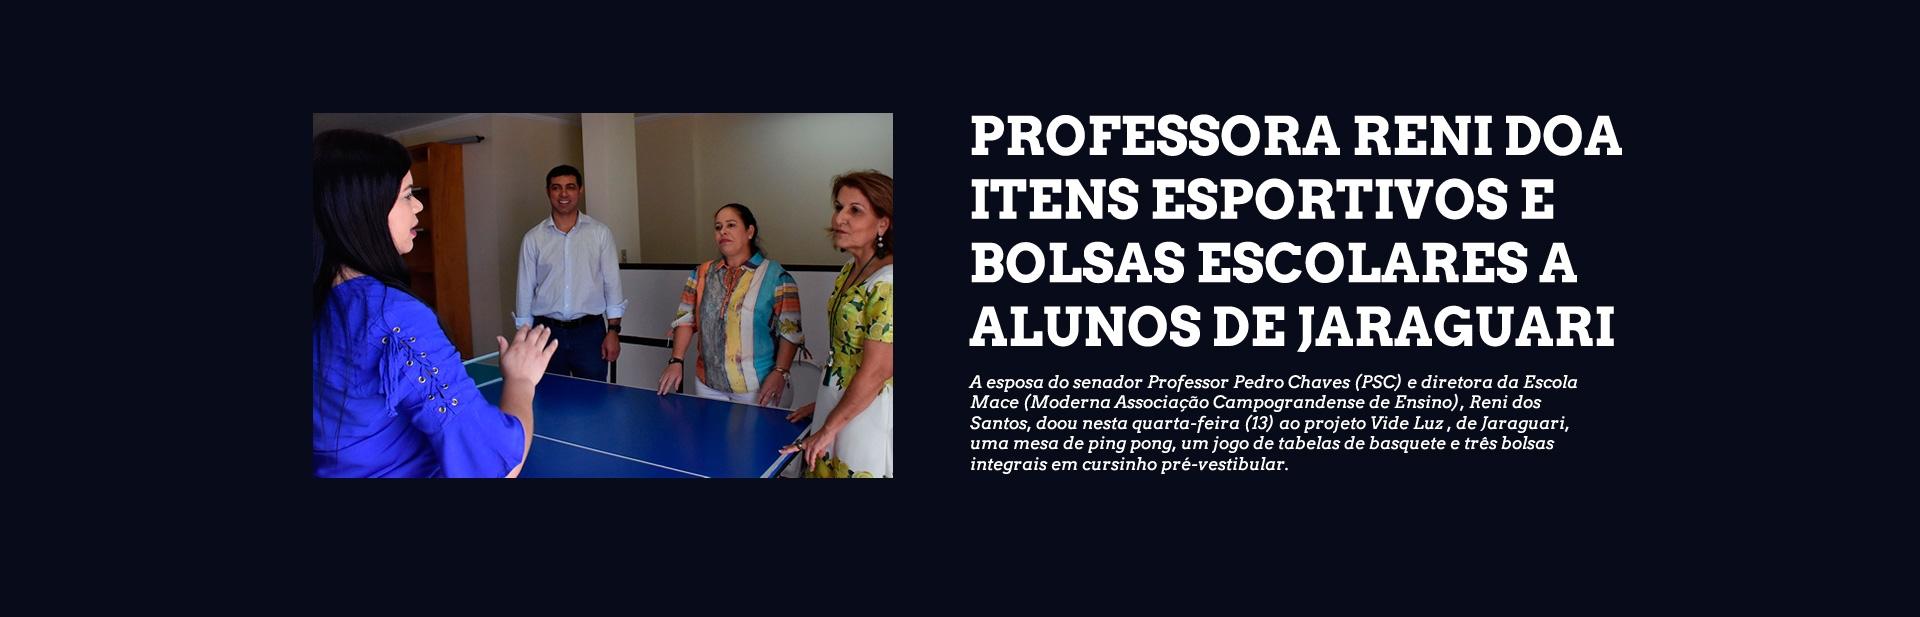 Professora Reni doa itens esportivos e bolsas escolares a alunos de Jaraguari